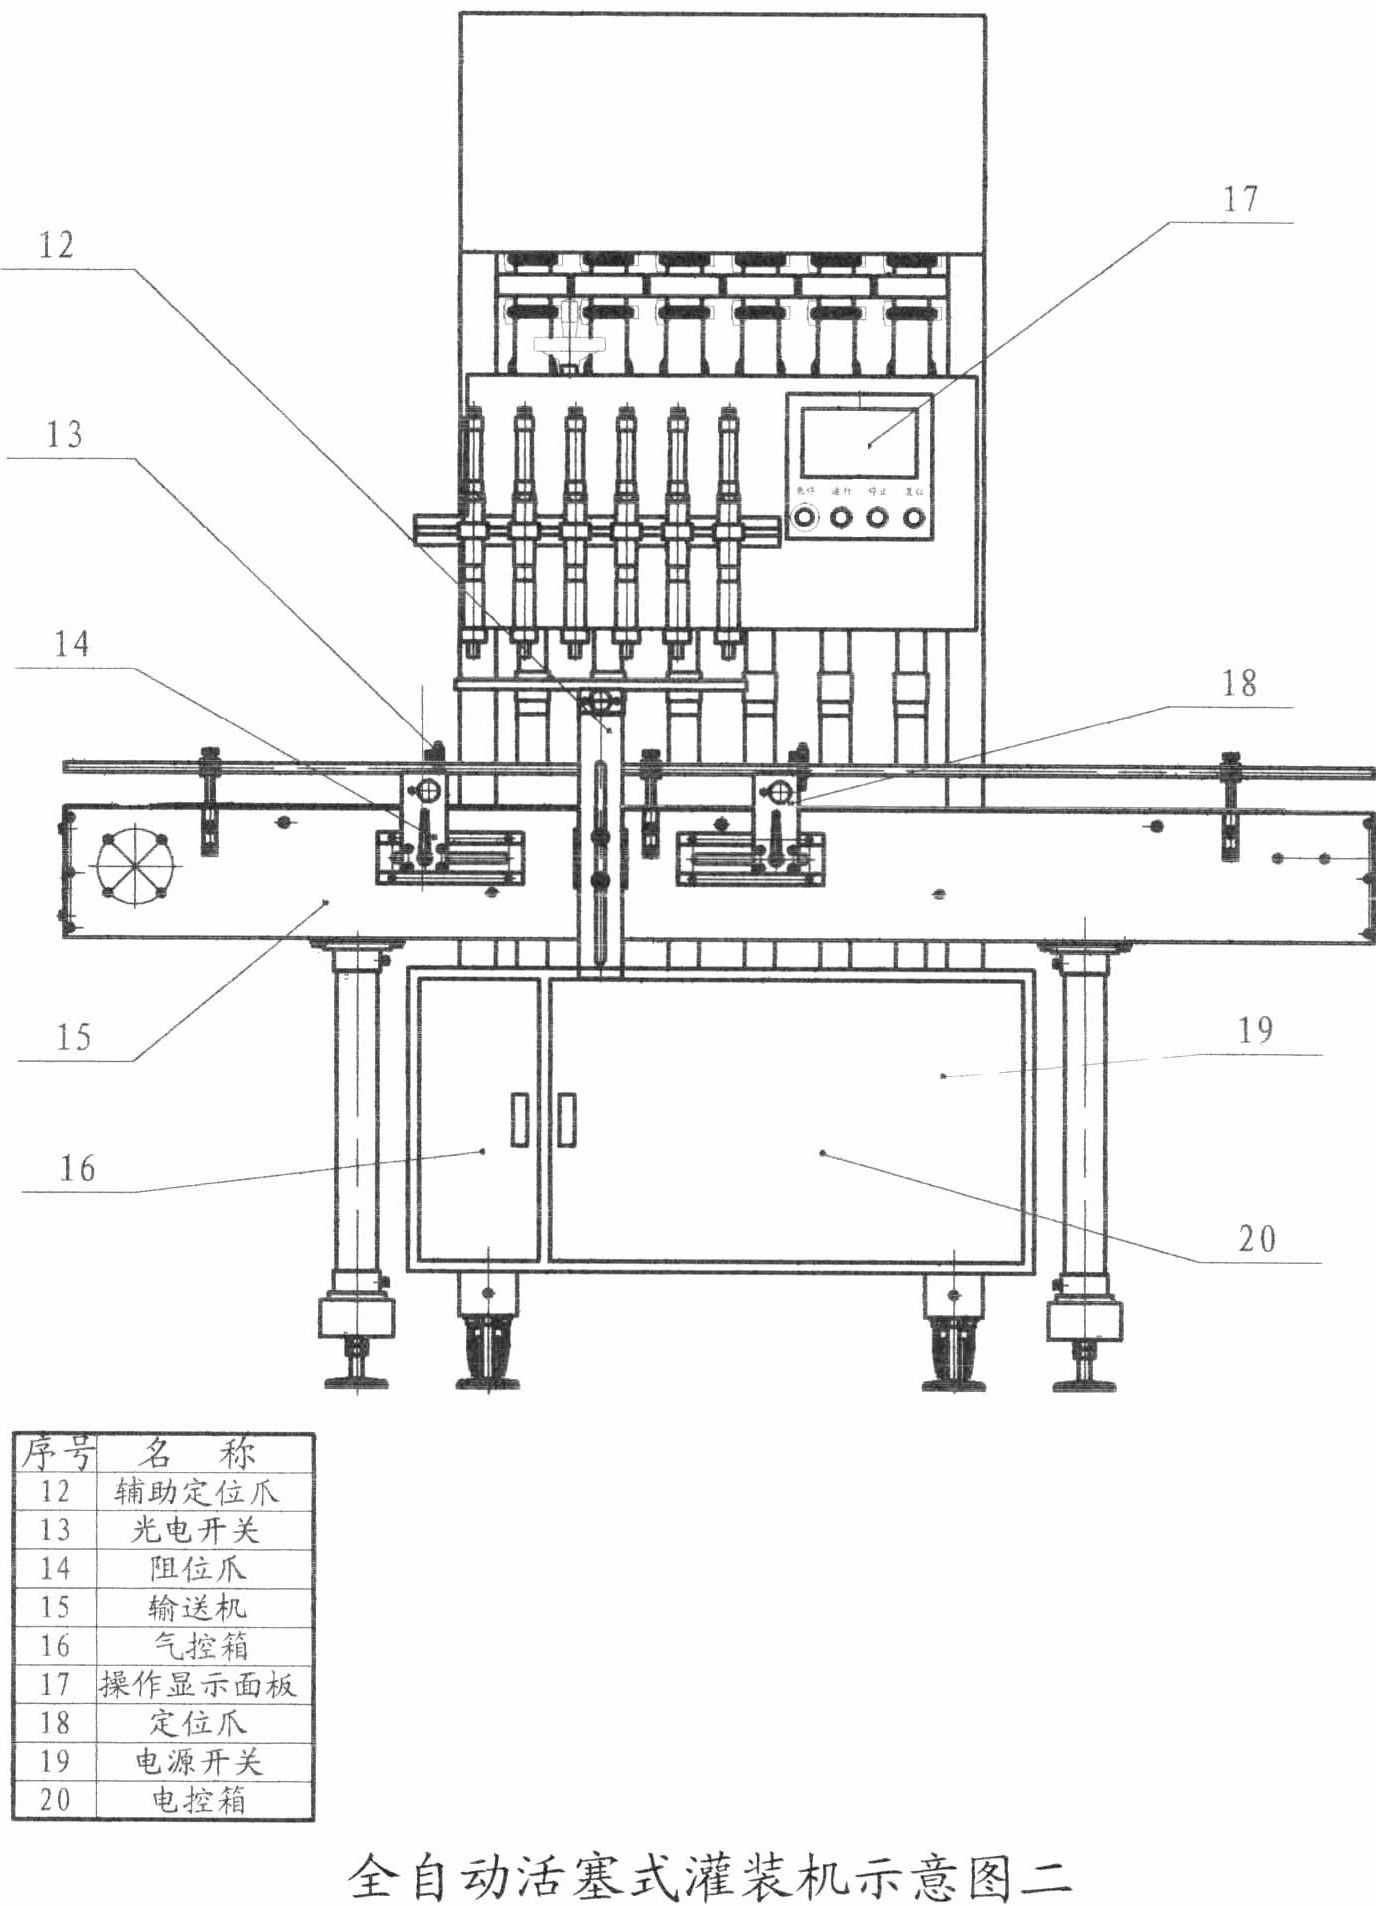 直线式瓶装液体自动灌装机架构图